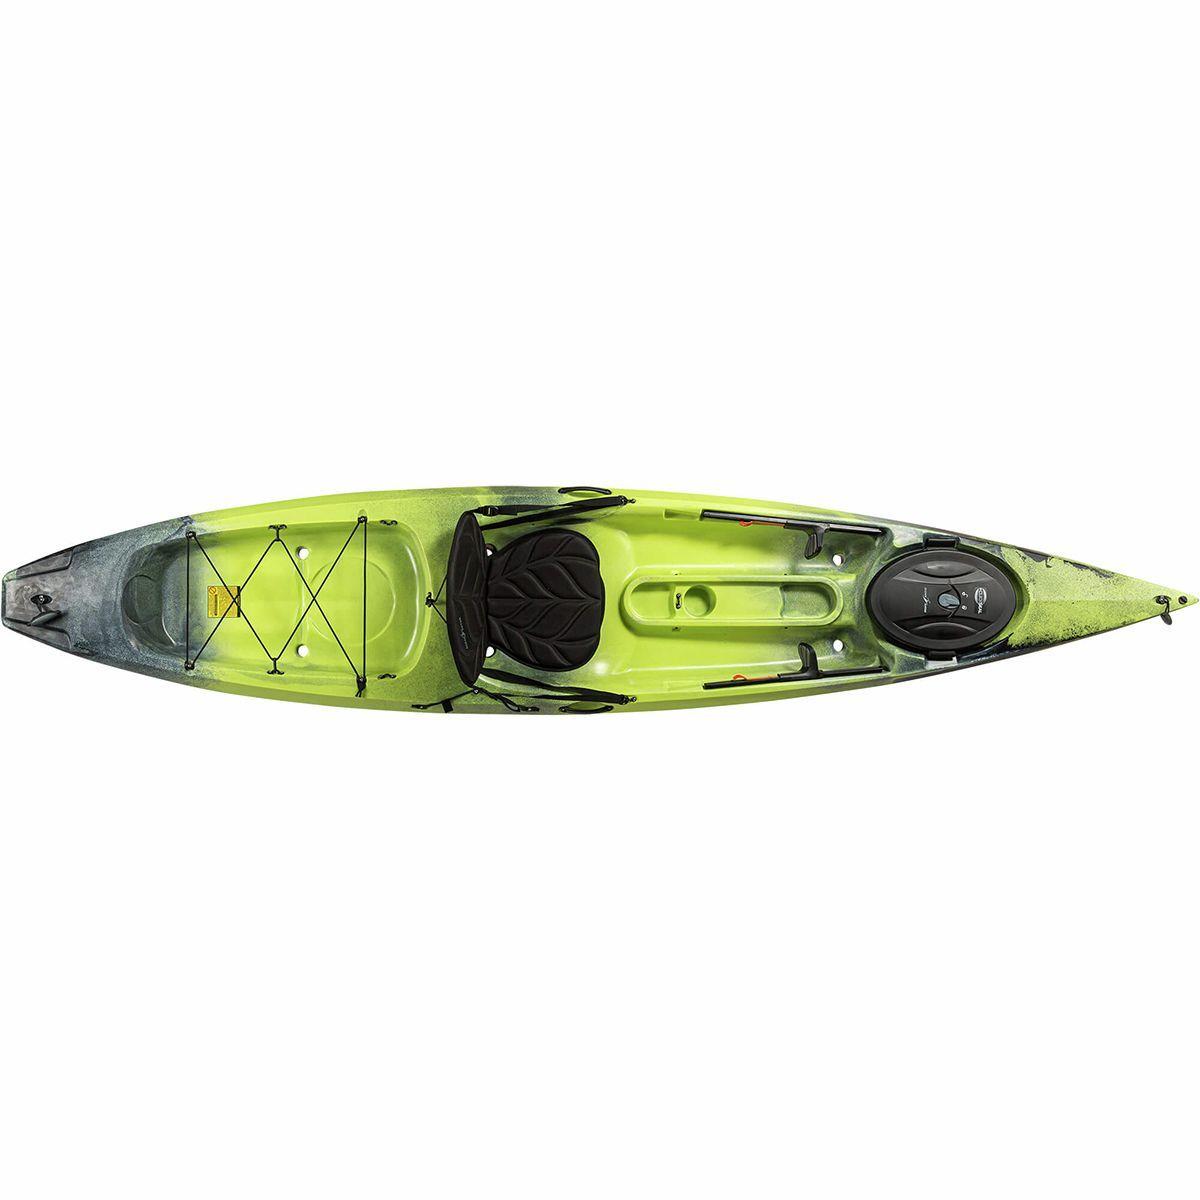 Ocean Kayak Tetra 12 SitOnTop Kayak 2020 Ocean kayak